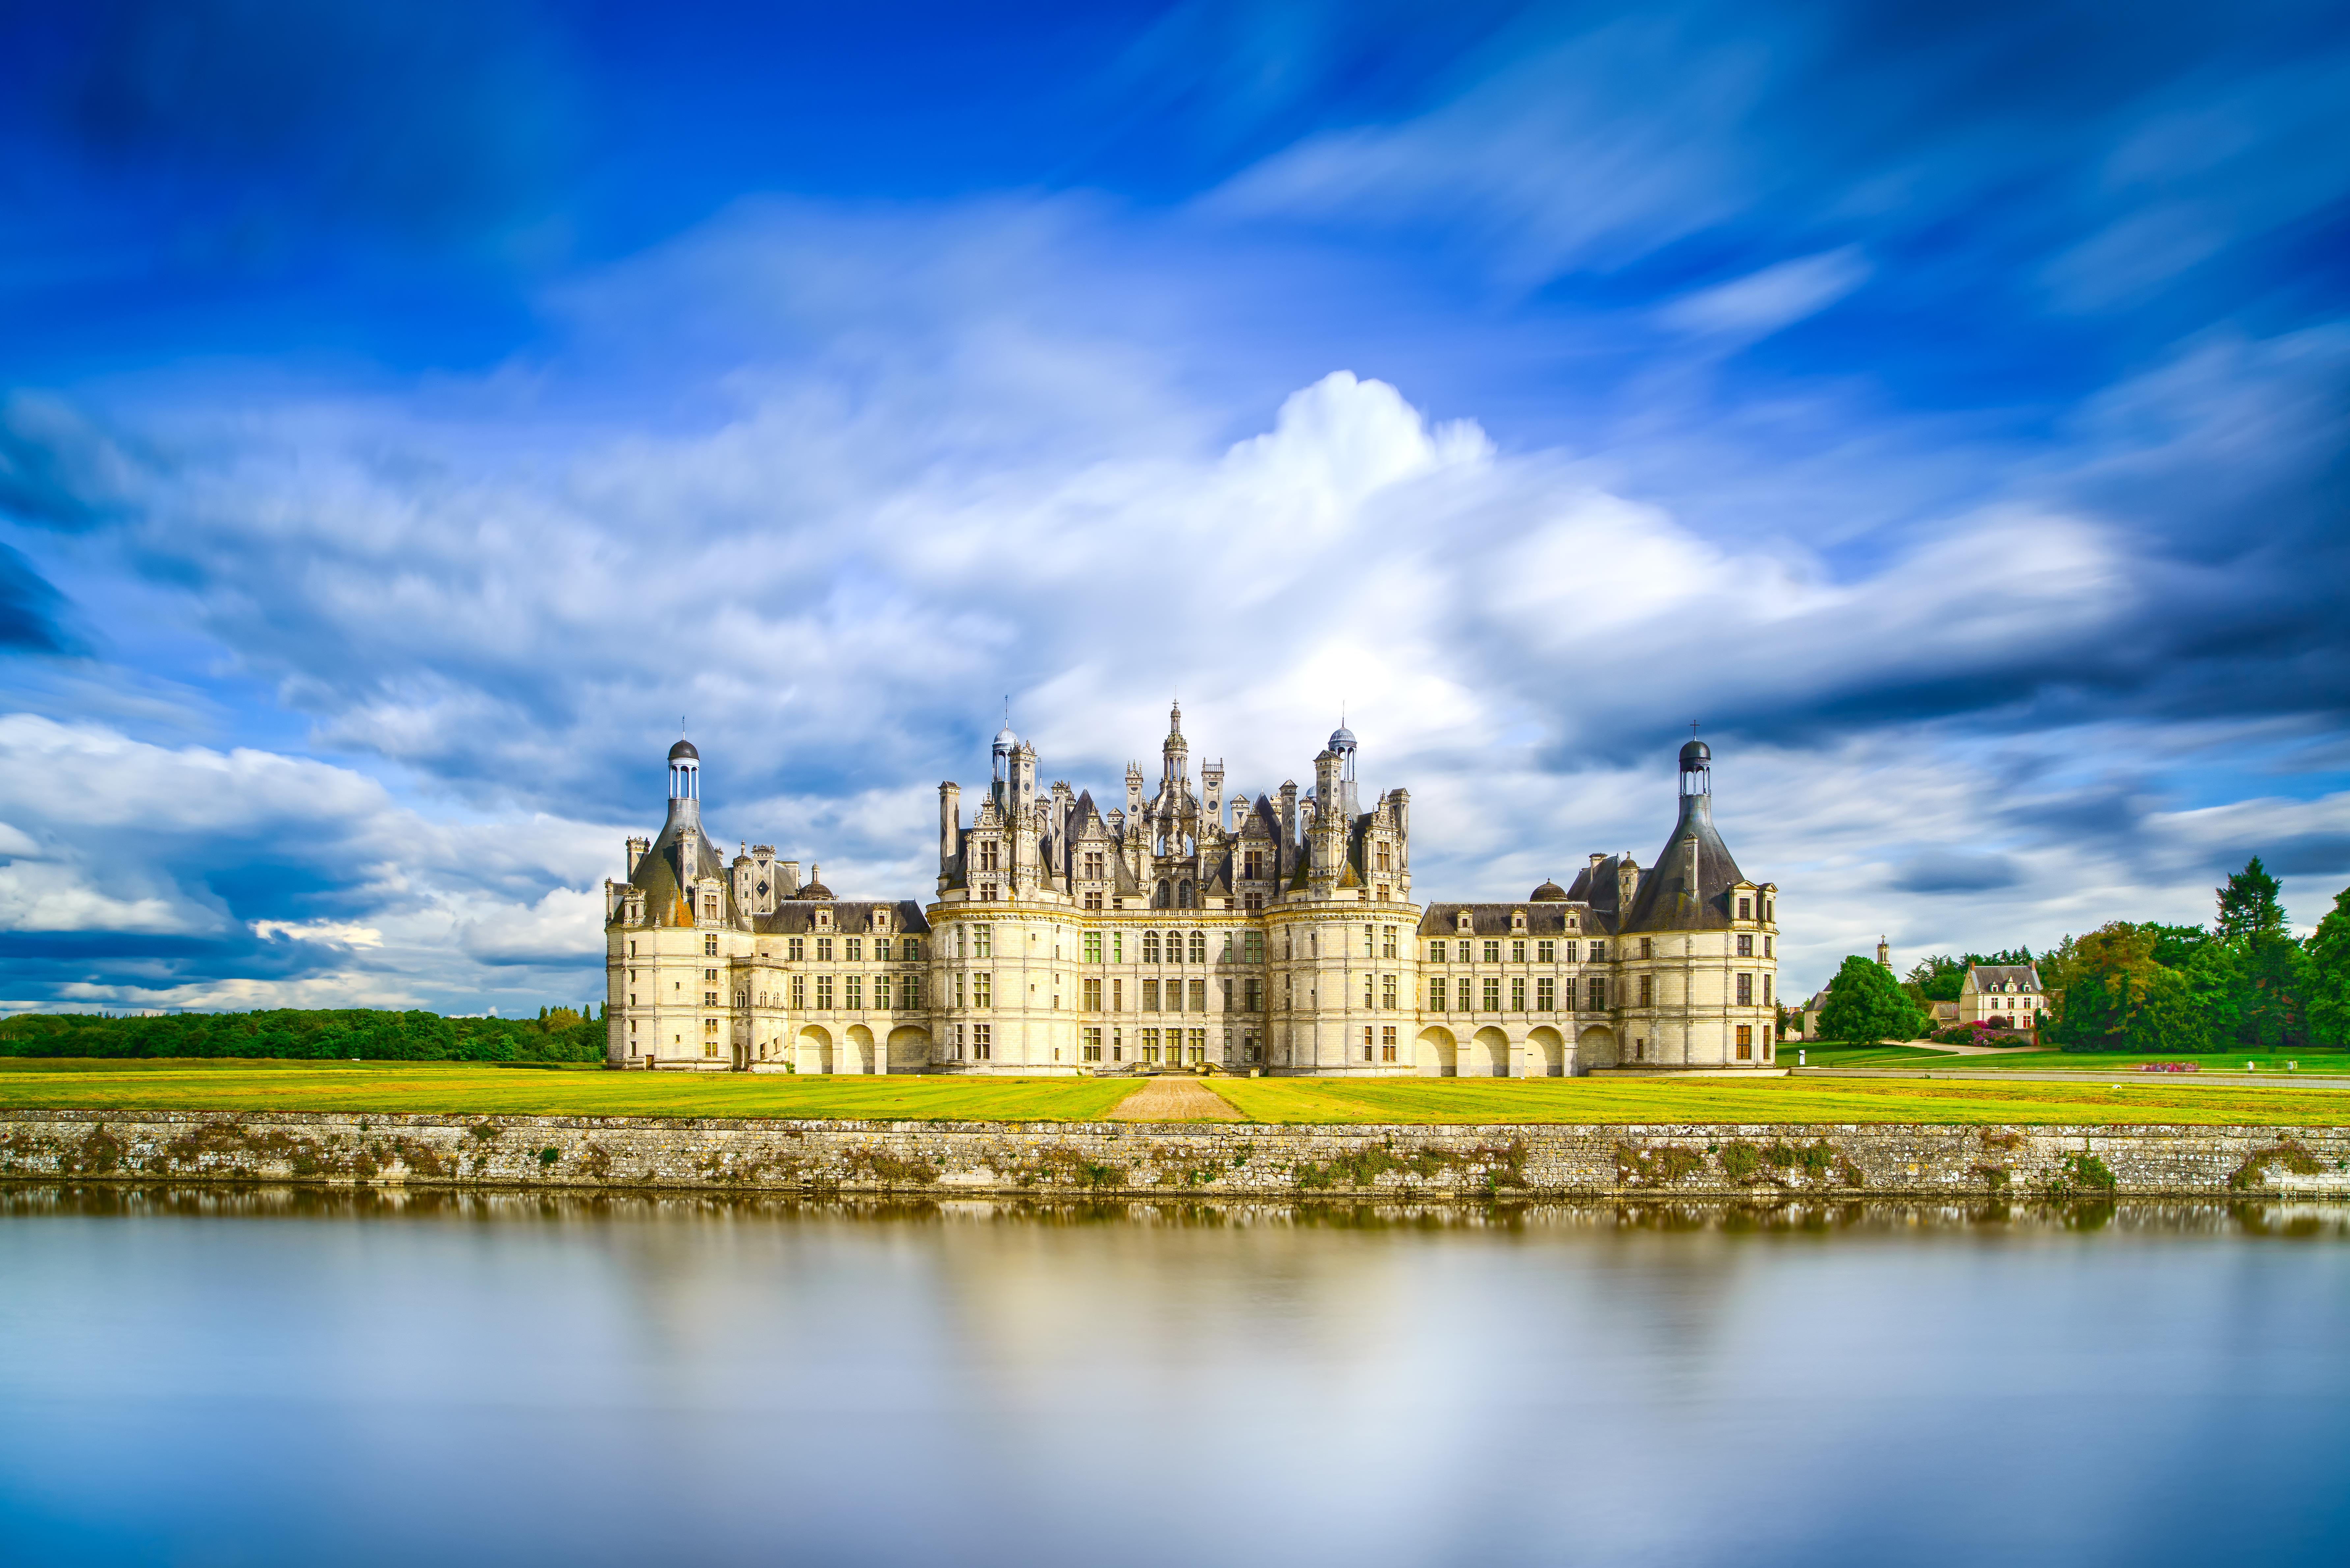 most impressive castles chateau de chambord